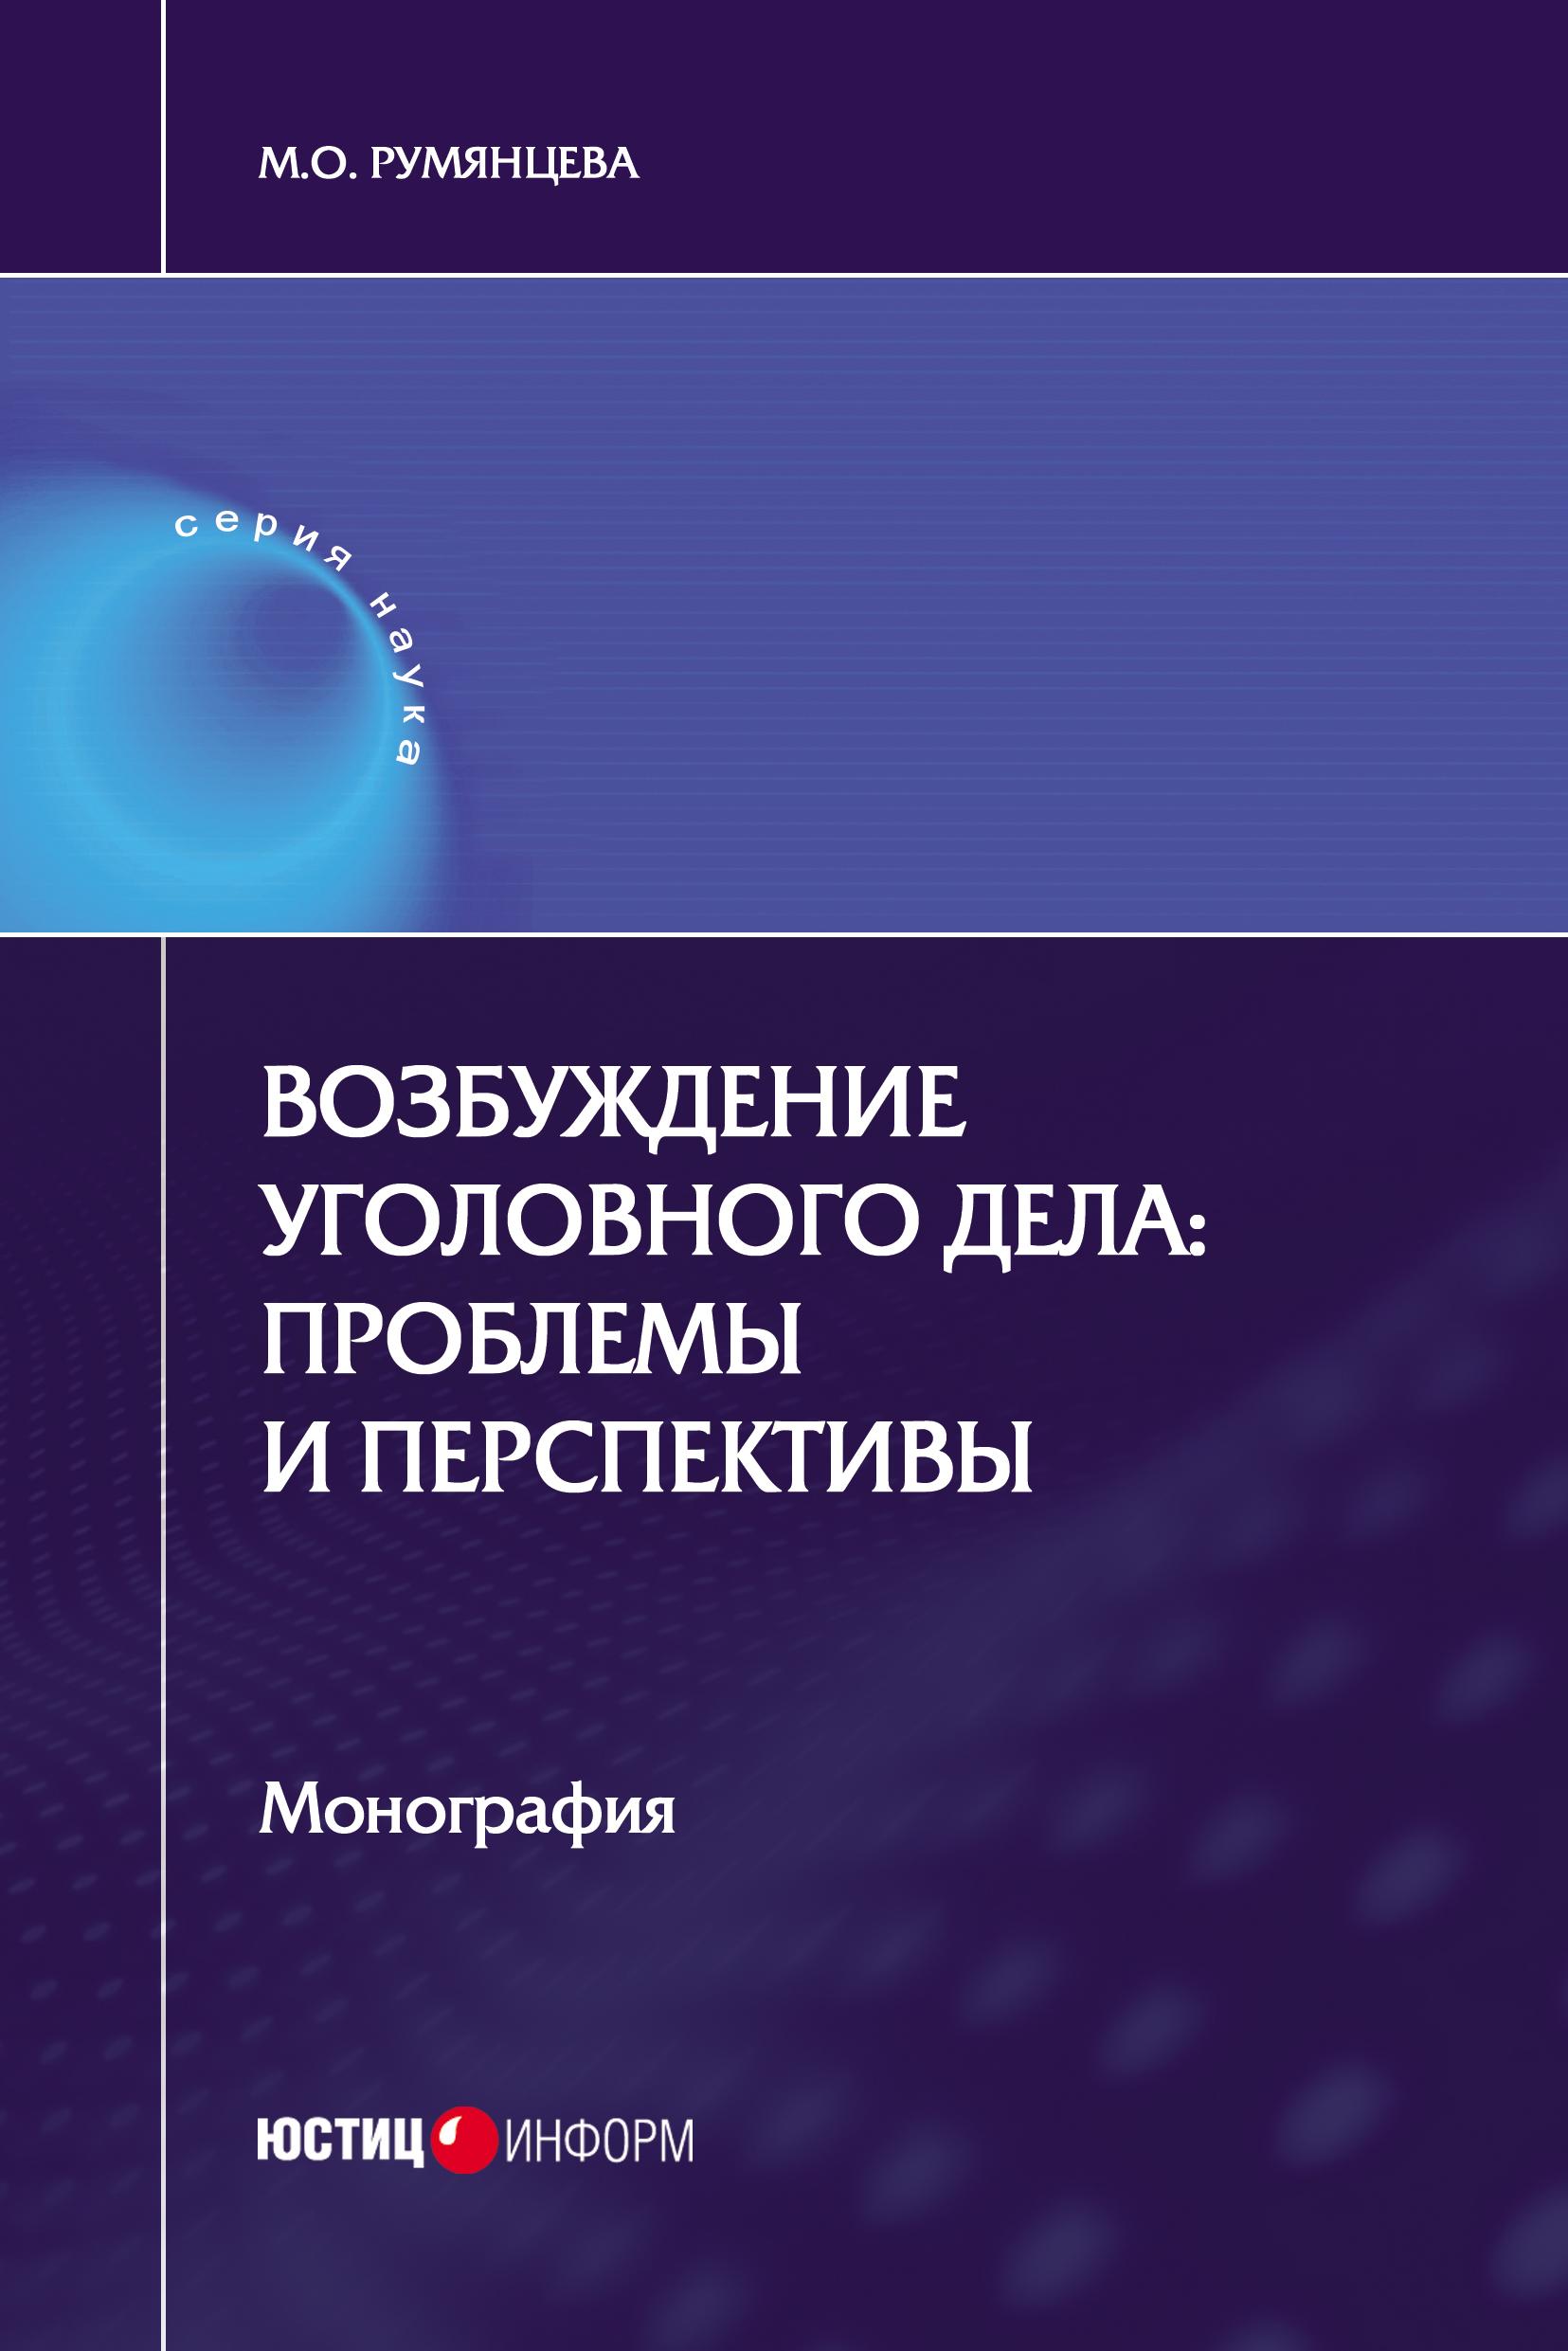 цена М. О. Румянцева Возбуждение уголовного дела: проблемы и перспективы в интернет-магазинах